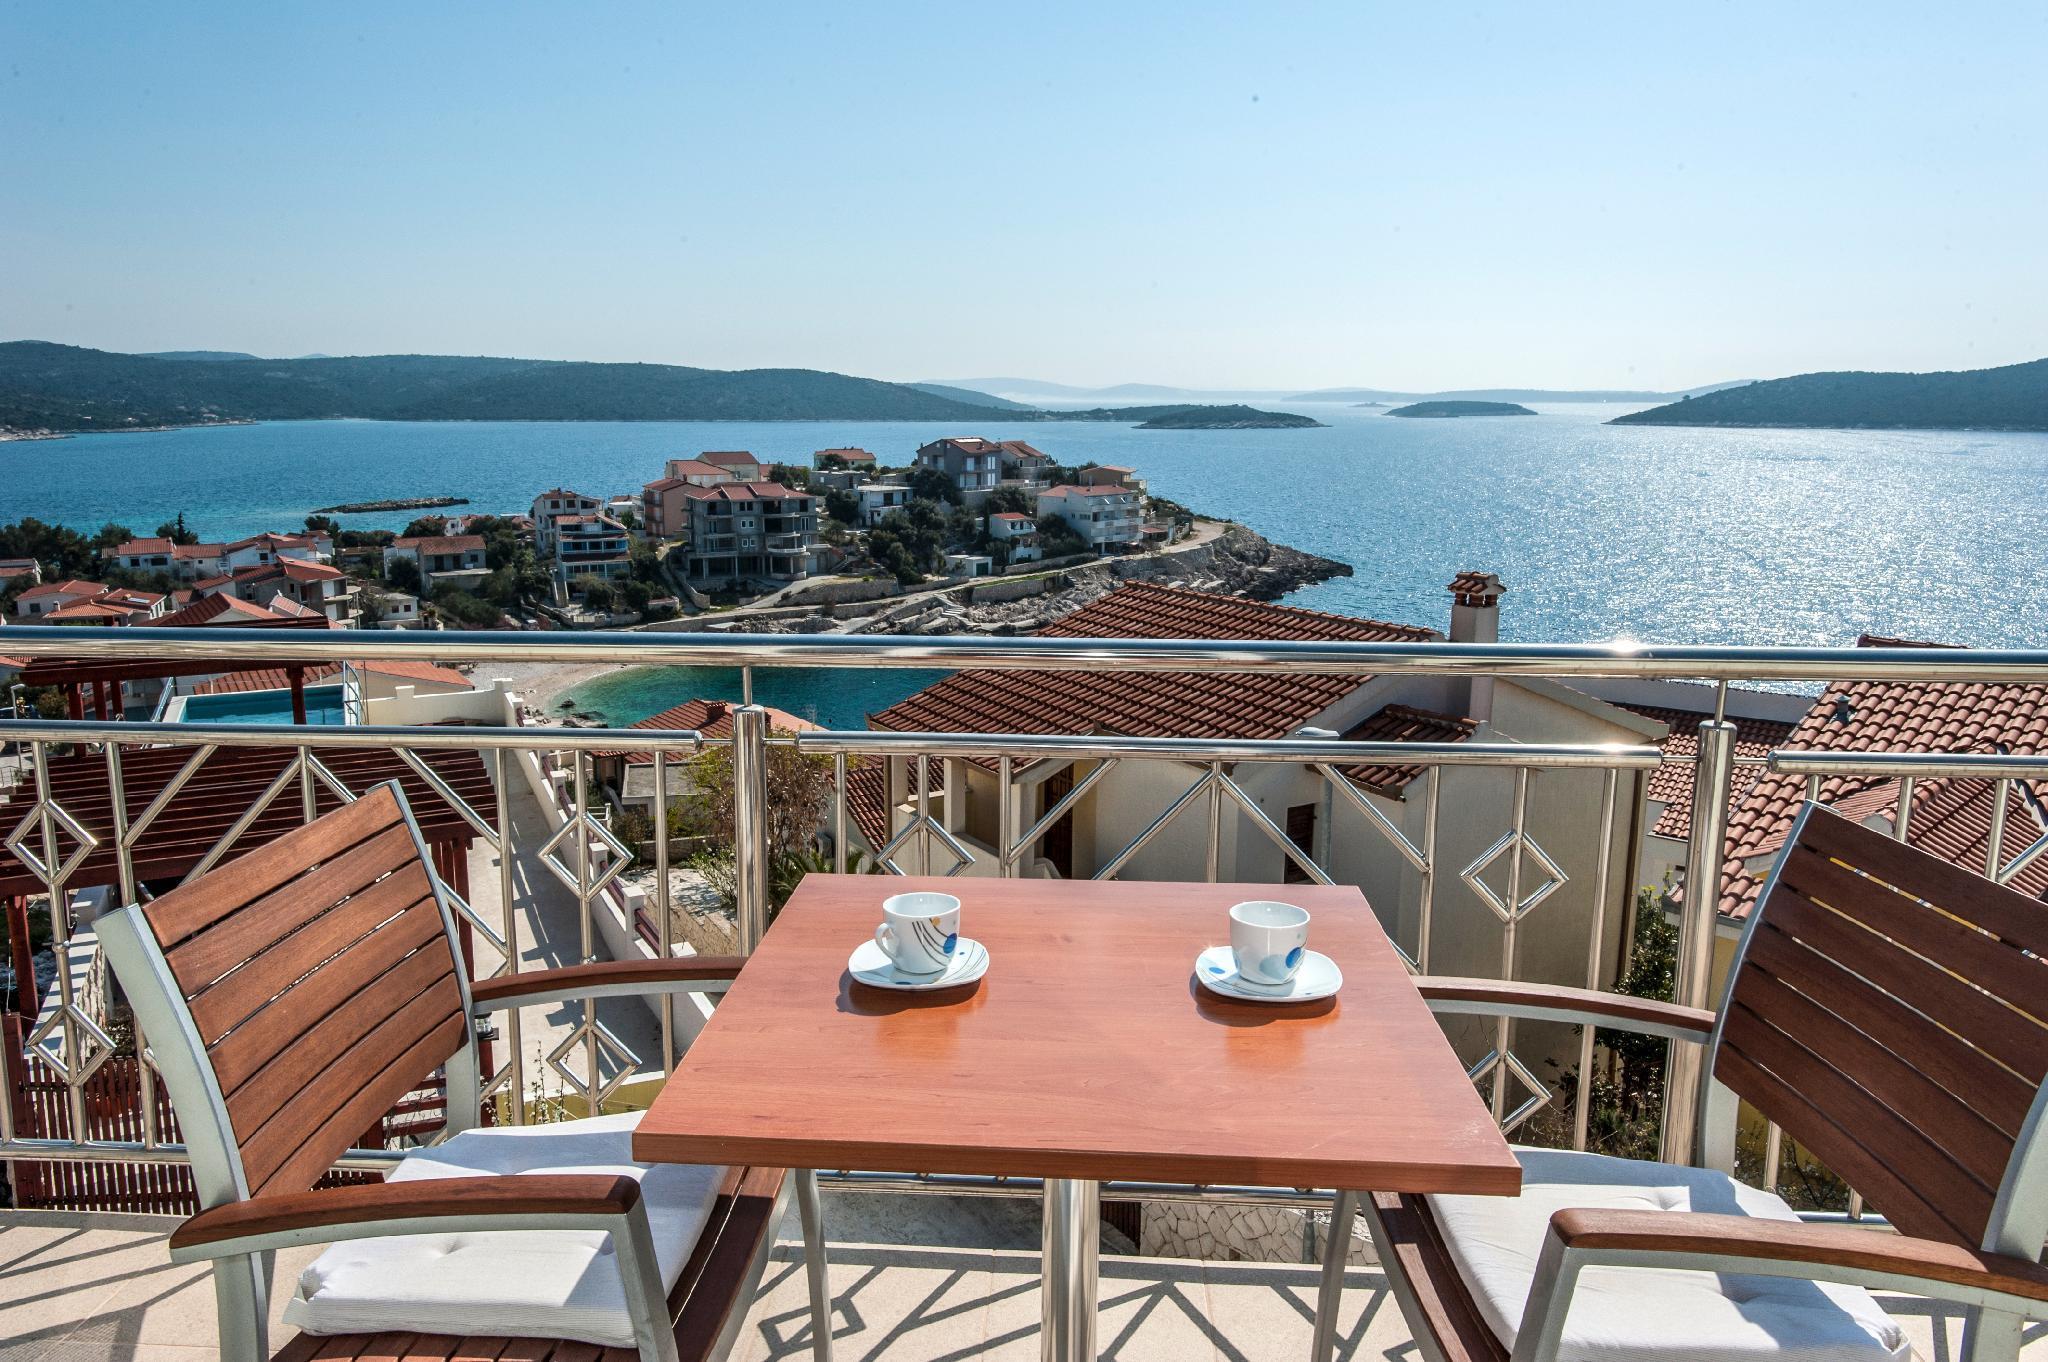 Modern New Built Villa In Place Sevid Near Trogir